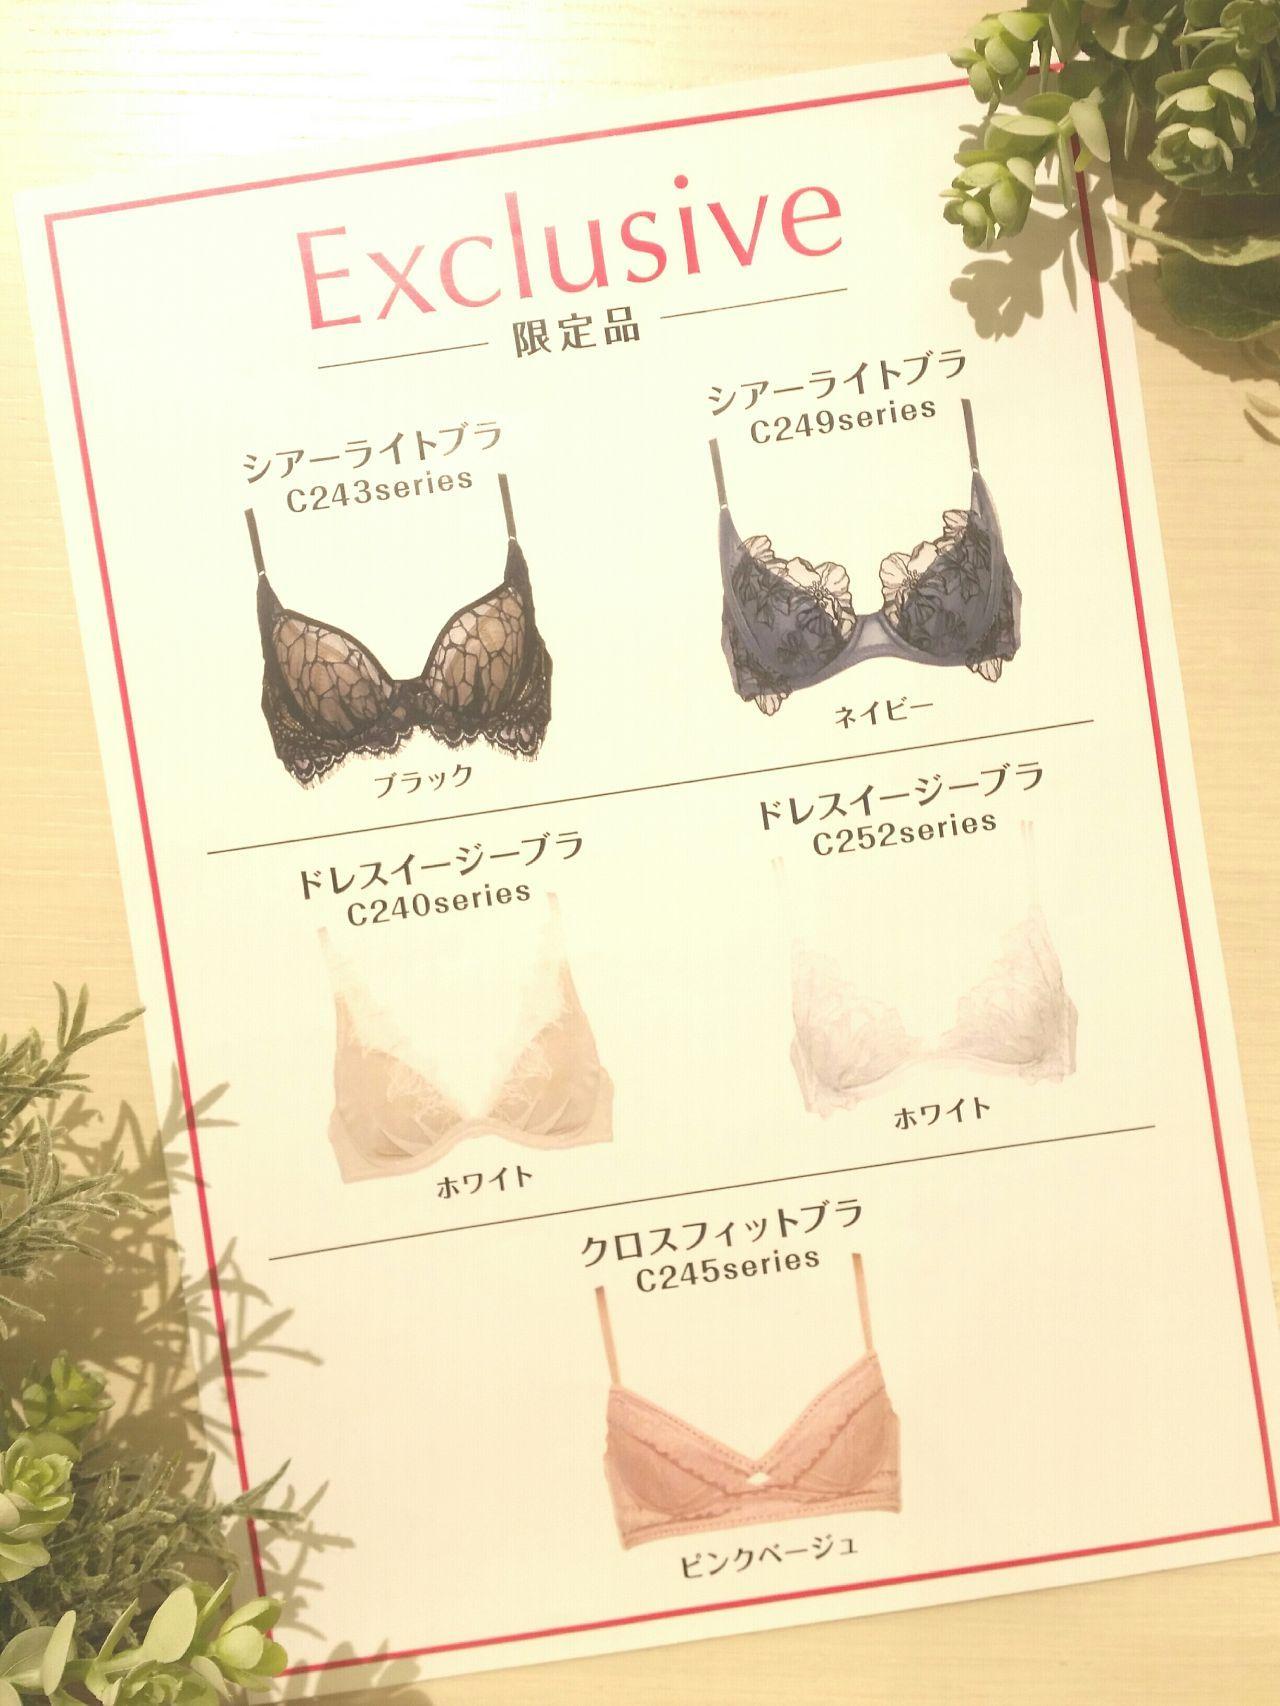 ☆店舗限定カラー☆【マロニエゲート銀座店】の写真